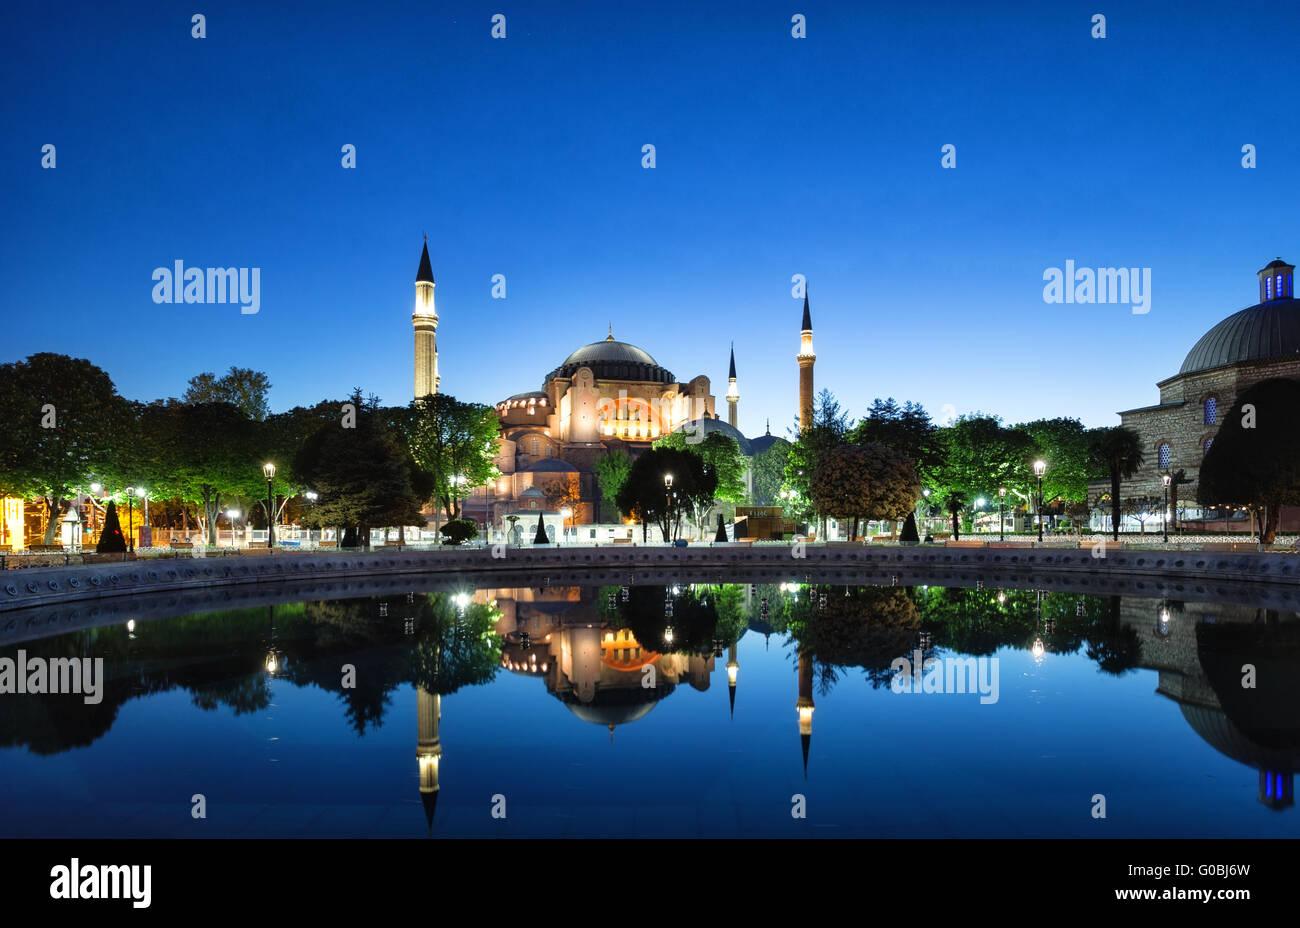 Hagia Sophia mezquita con reflexión. Estambul, Turquía. Imagen De Stock